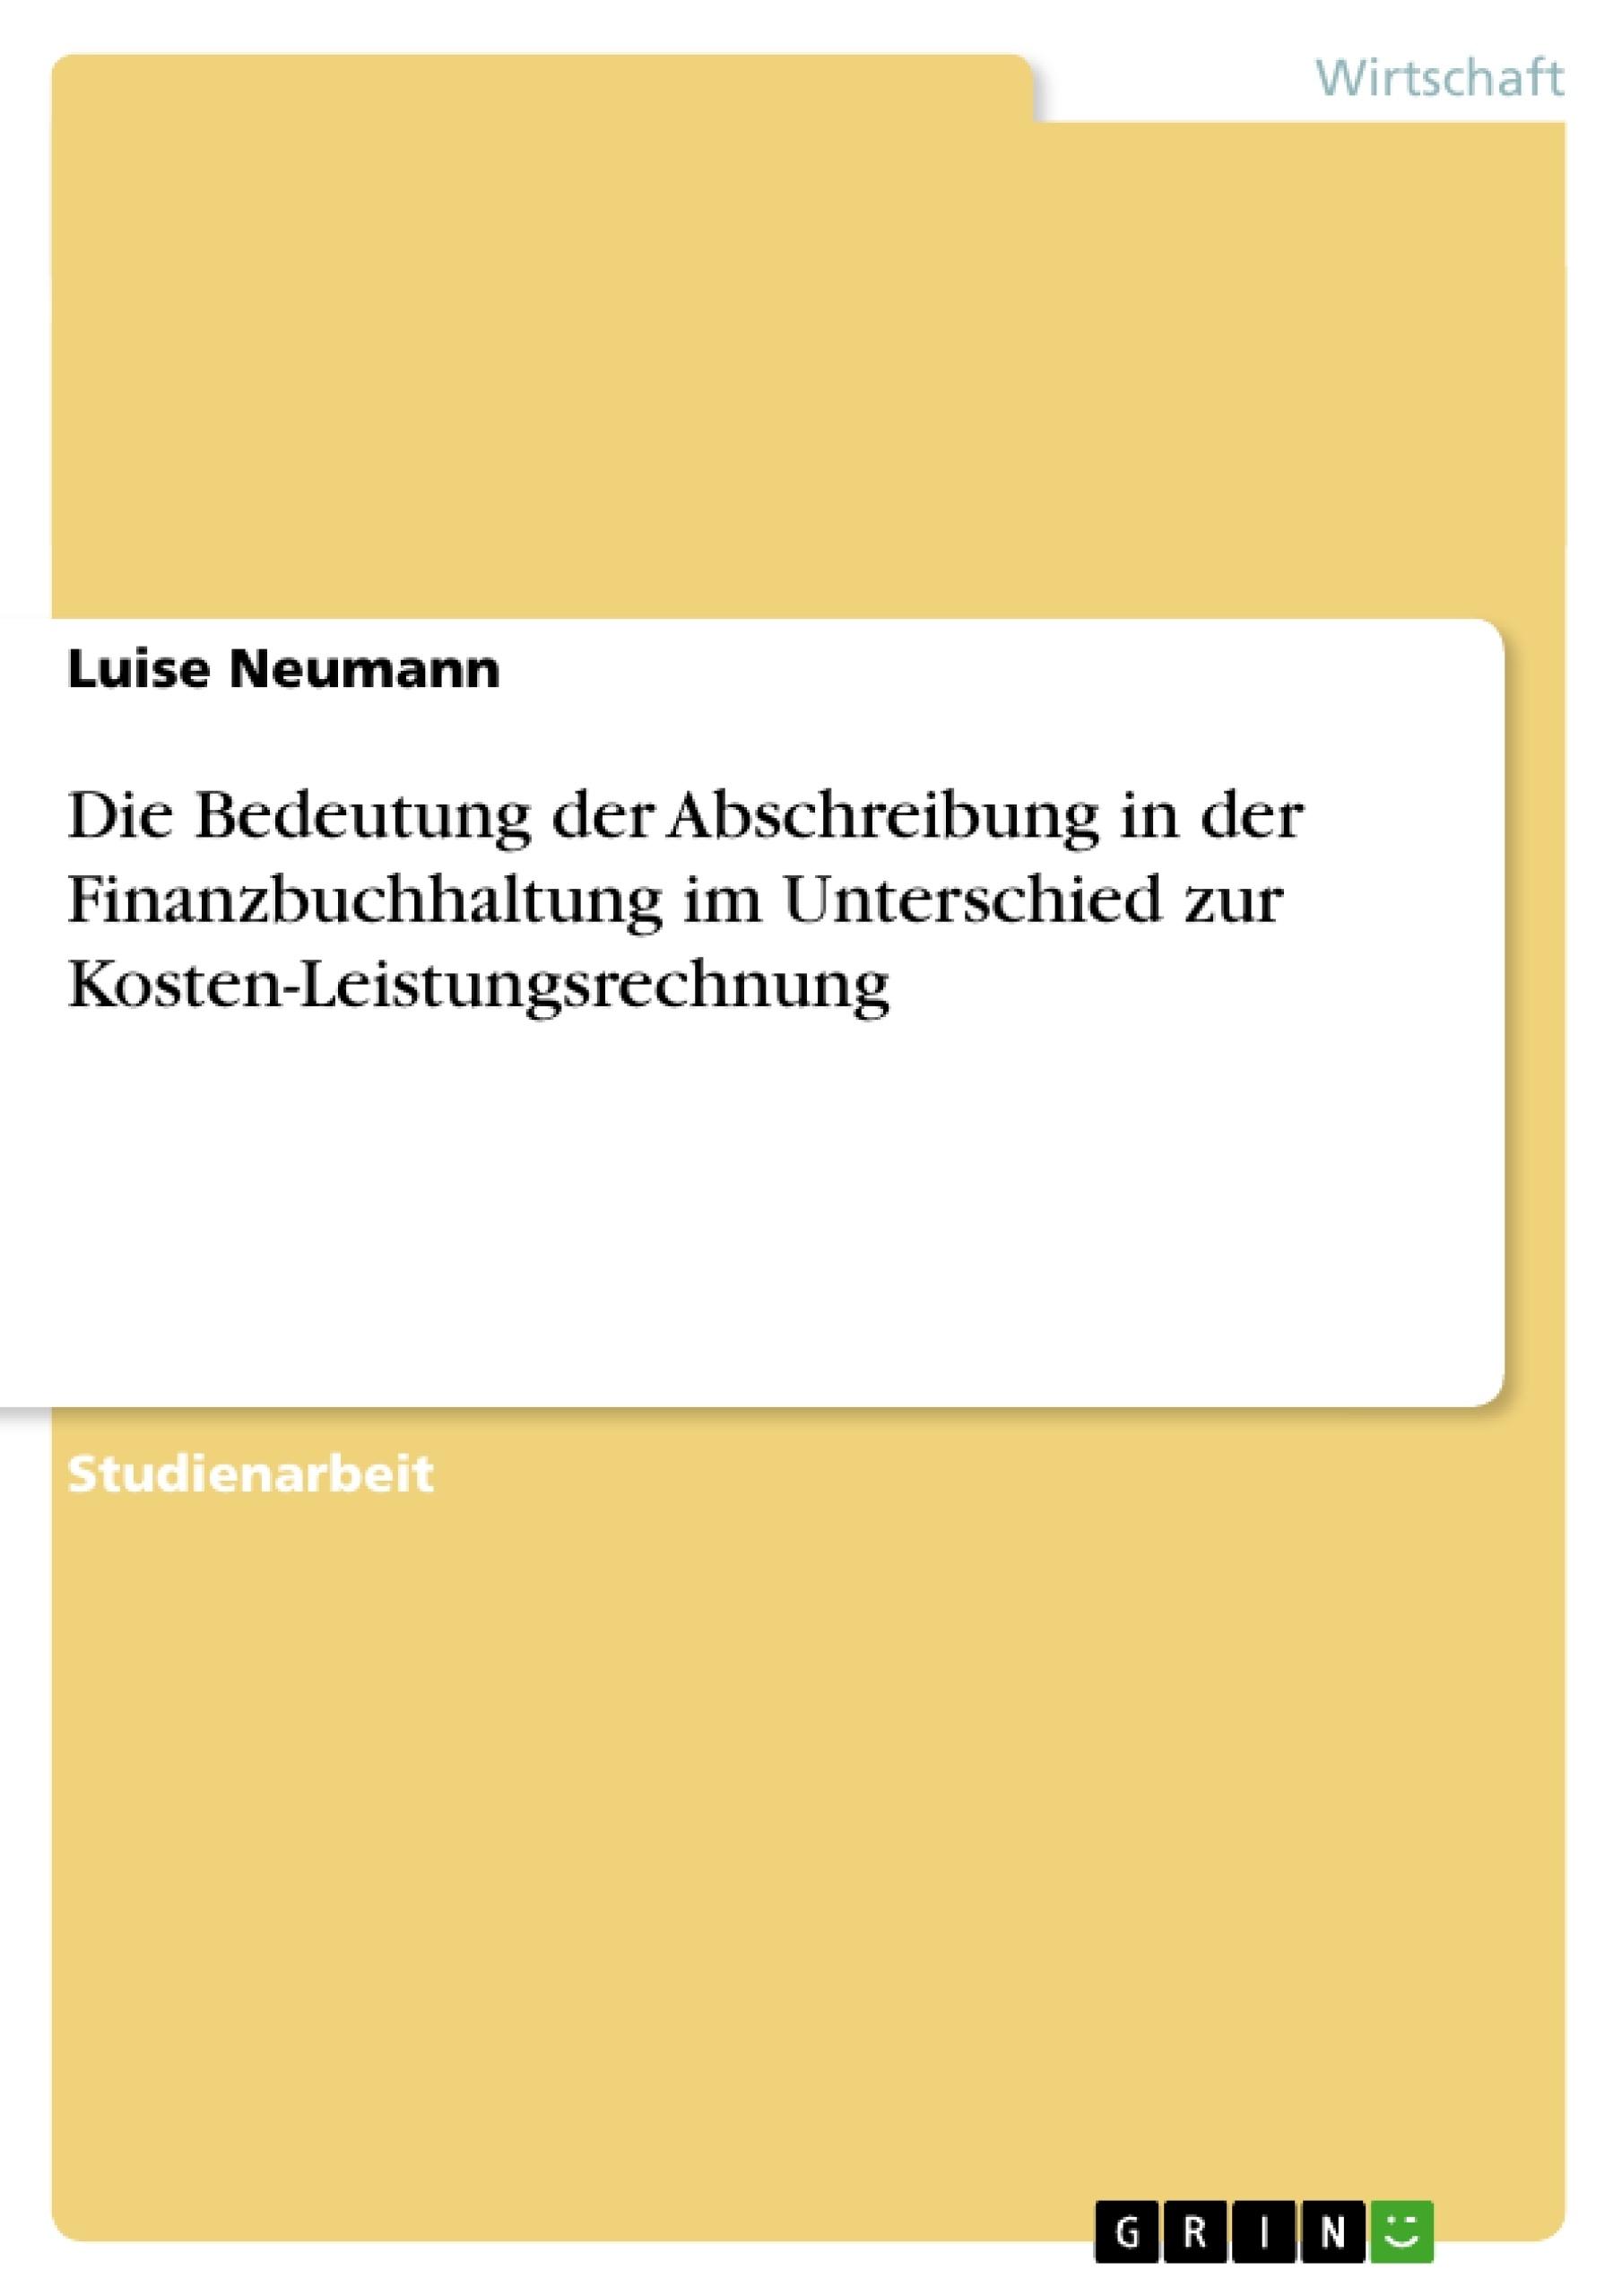 Titel: Die Bedeutung der Abschreibung in der Finanzbuchhaltung im Unterschied zur Kosten-Leistungsrechnung